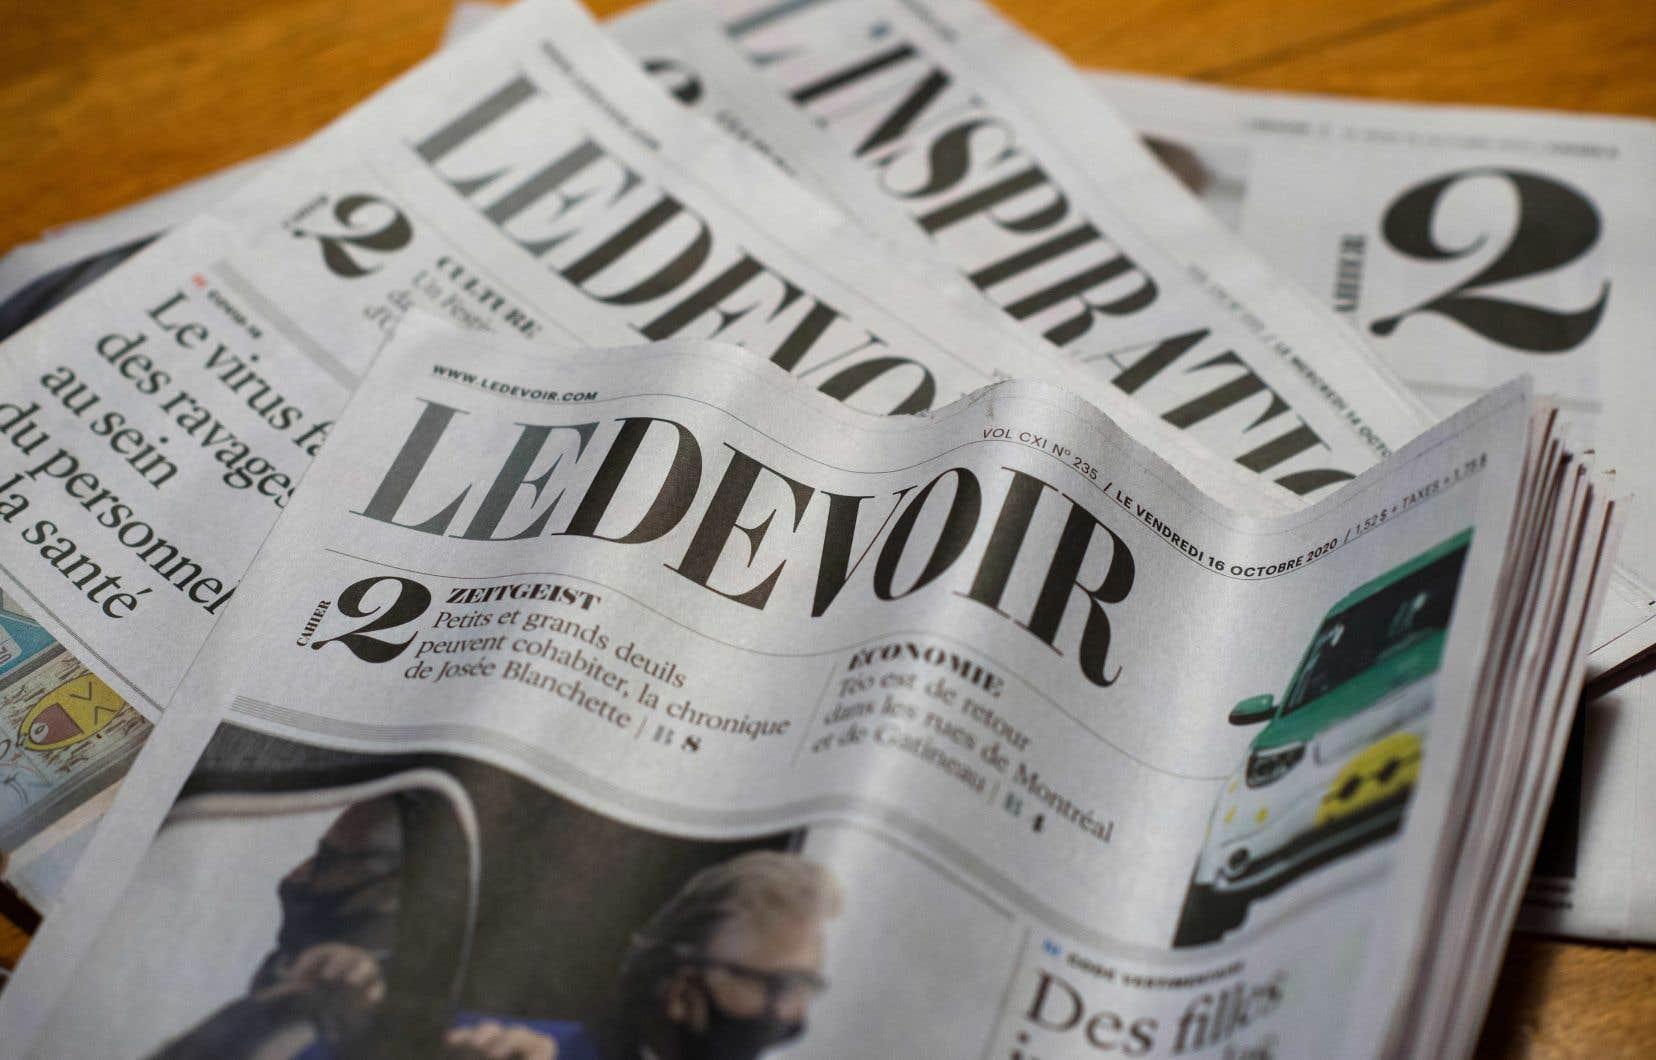 Compte tenu des conditions de travail difficiles inhérentes au contexte pandémique, toutes ces nominations «revêtent une signification encore plus importante cette année», souligne la rédactrice en chef du «Devoir», Marie-Andrée Chouinard.